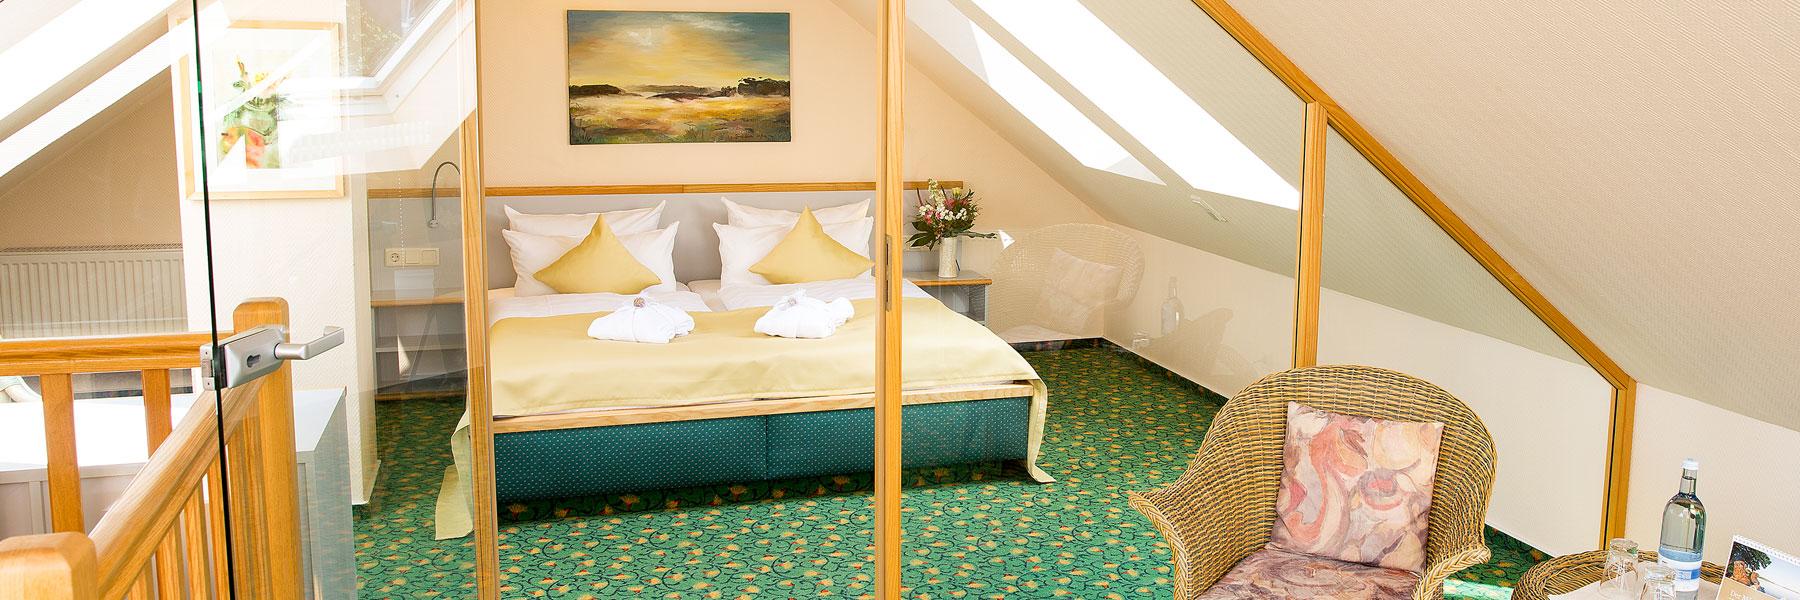 Schlafzimmer - Hotel am Müritz-Nationalpark